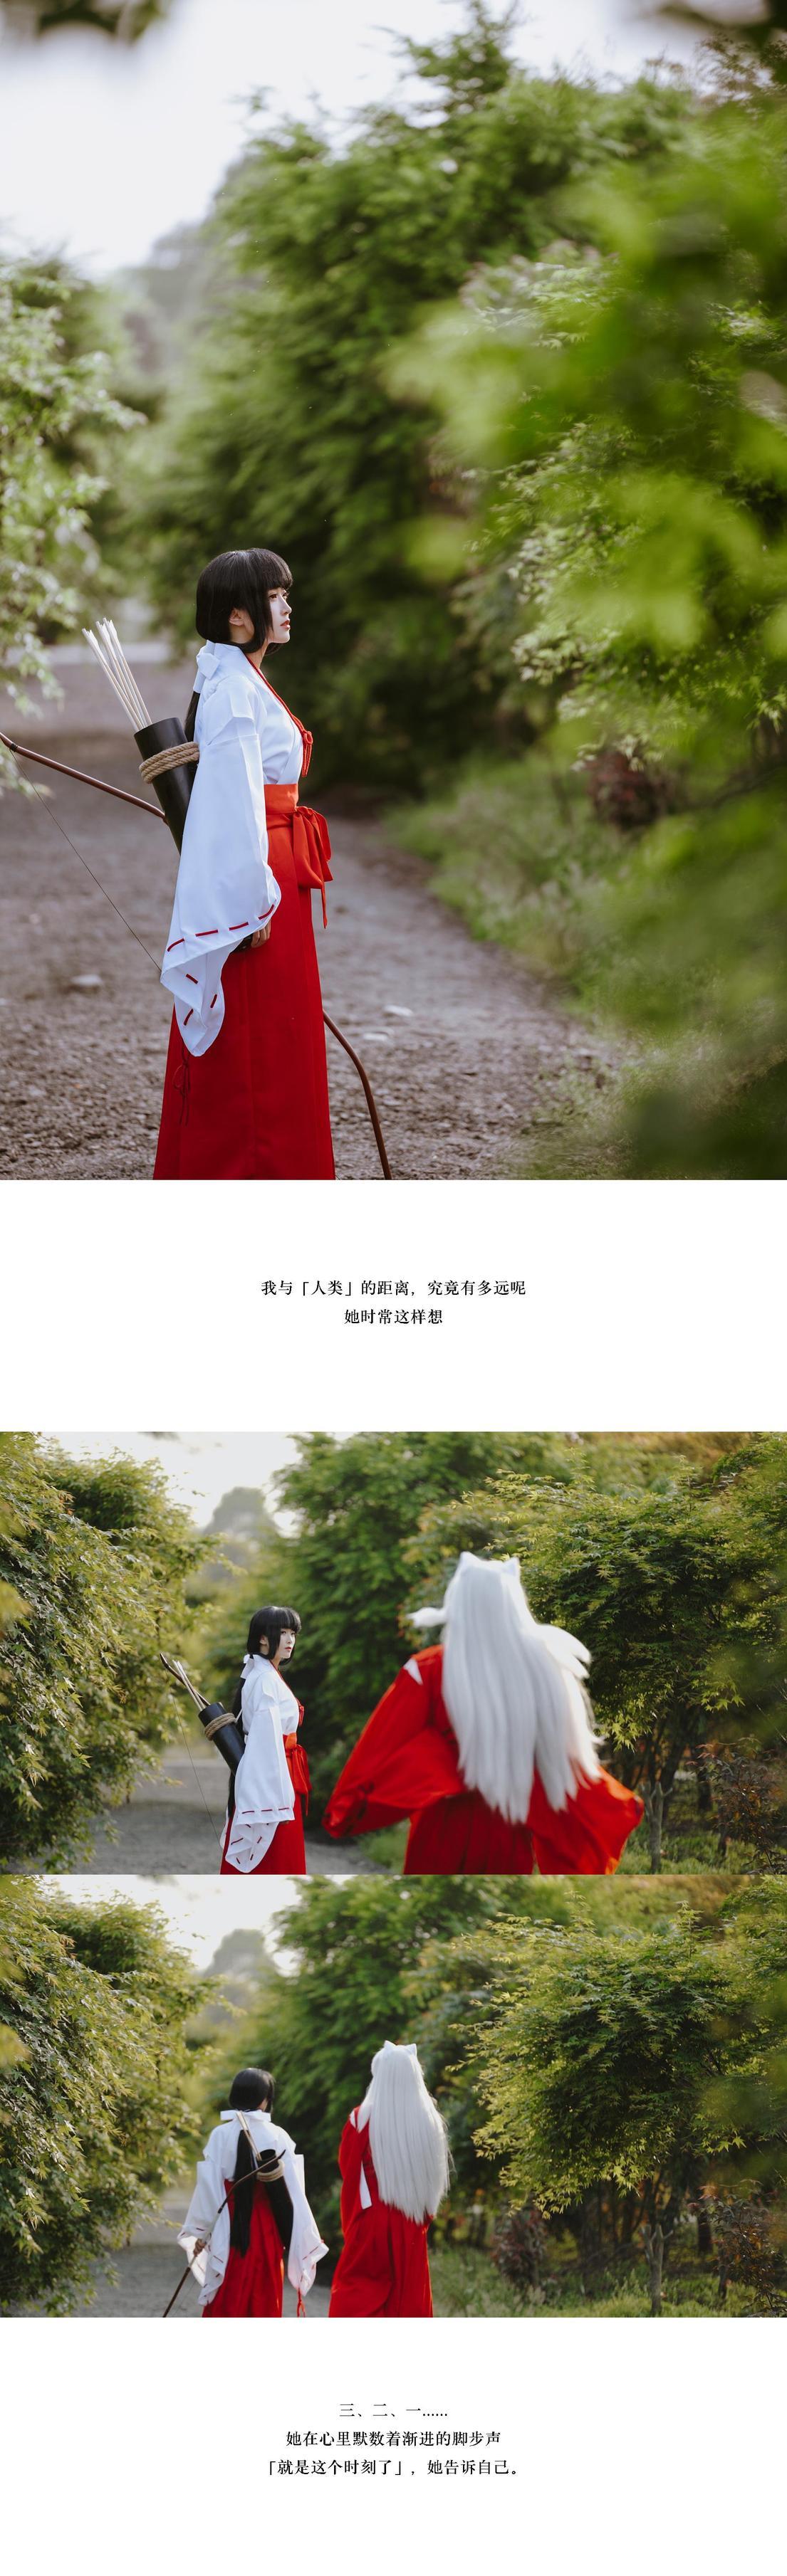 《犬夜叉》桔梗cosplay【CN:乱红】-第4张